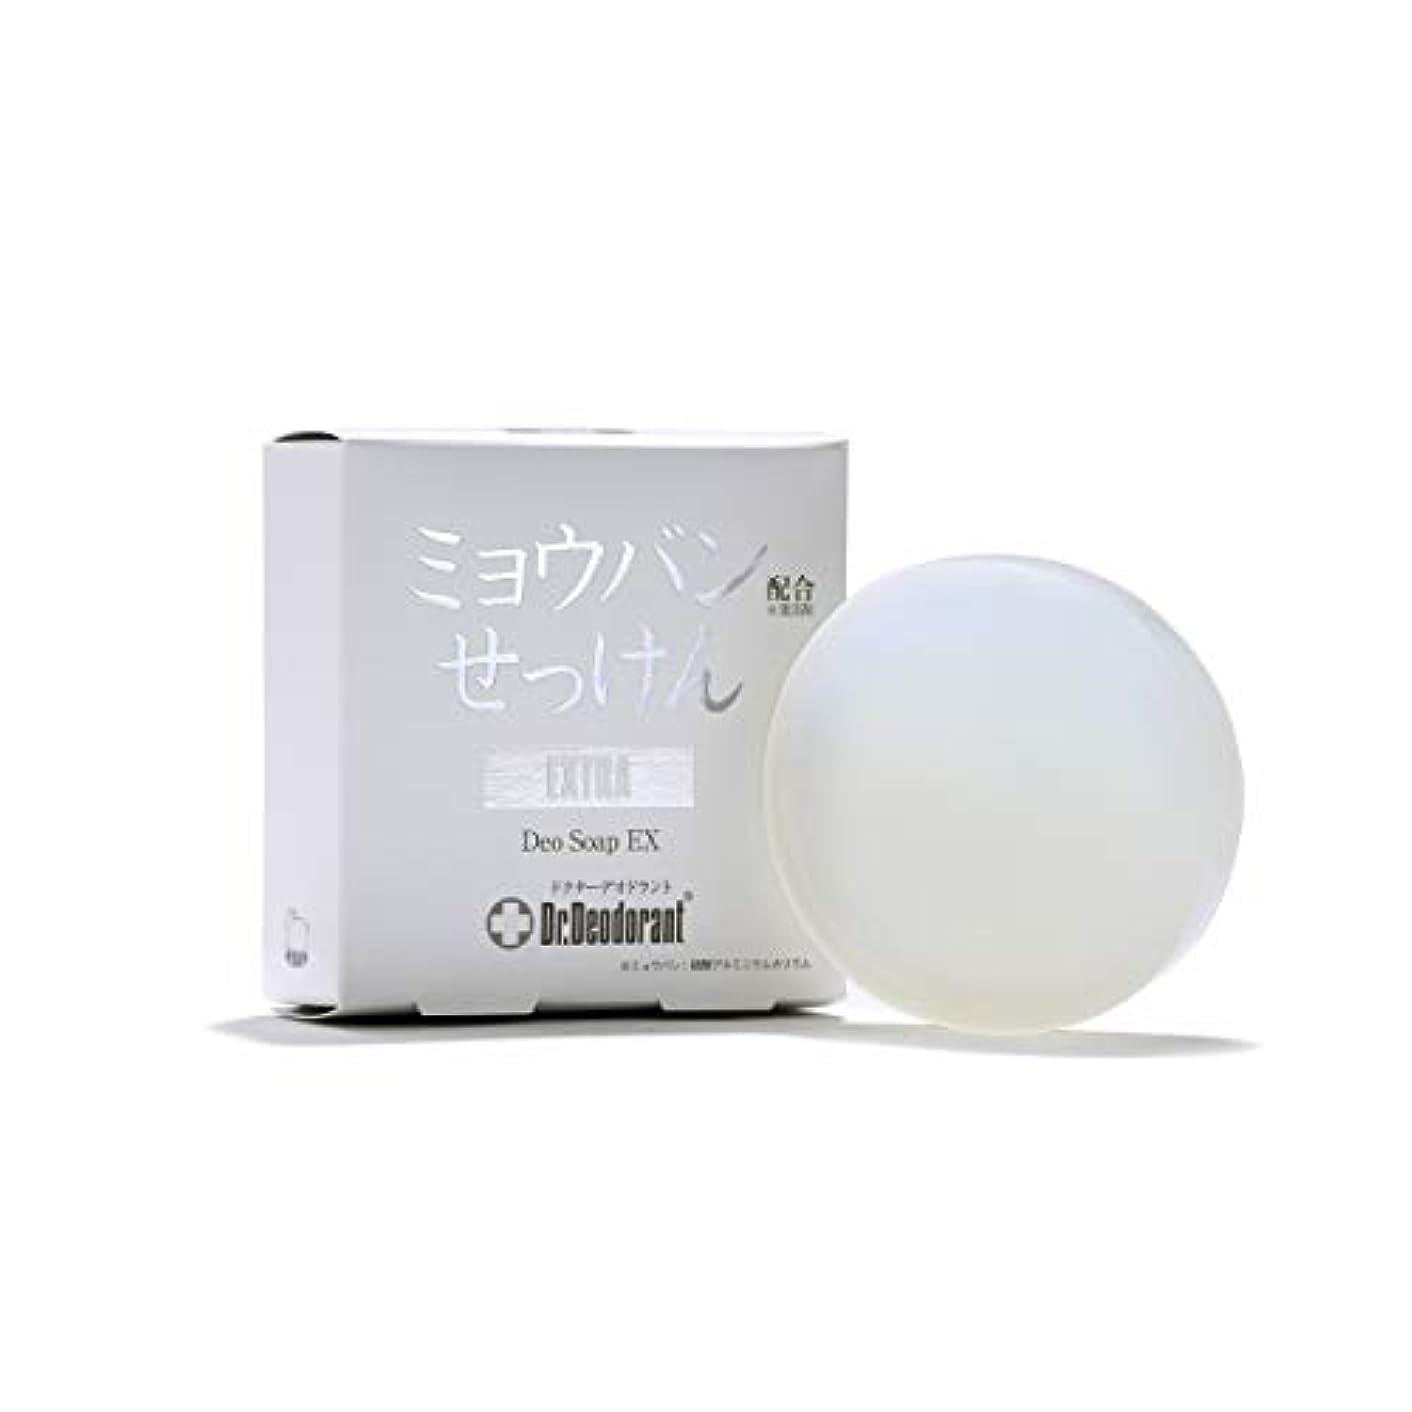 致死促進するスプレードクターデオドラント 薬用ミョウバンせっけんEX (単品)